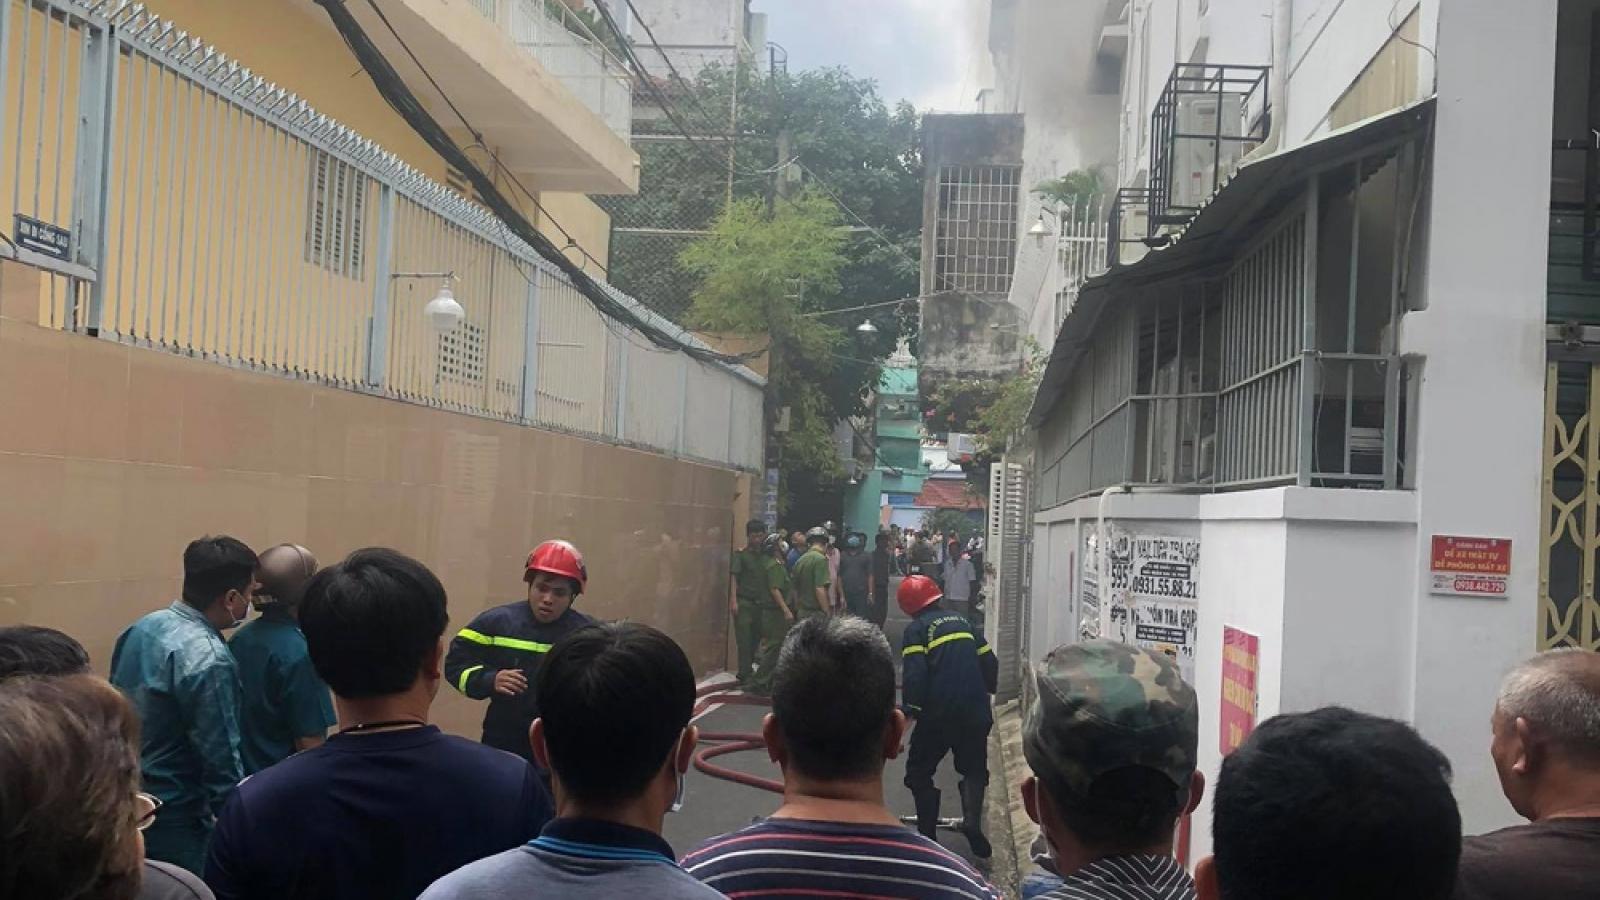 Cháy căn nhà trong hẻm ở TPHCM, một phụ nữ tử vong